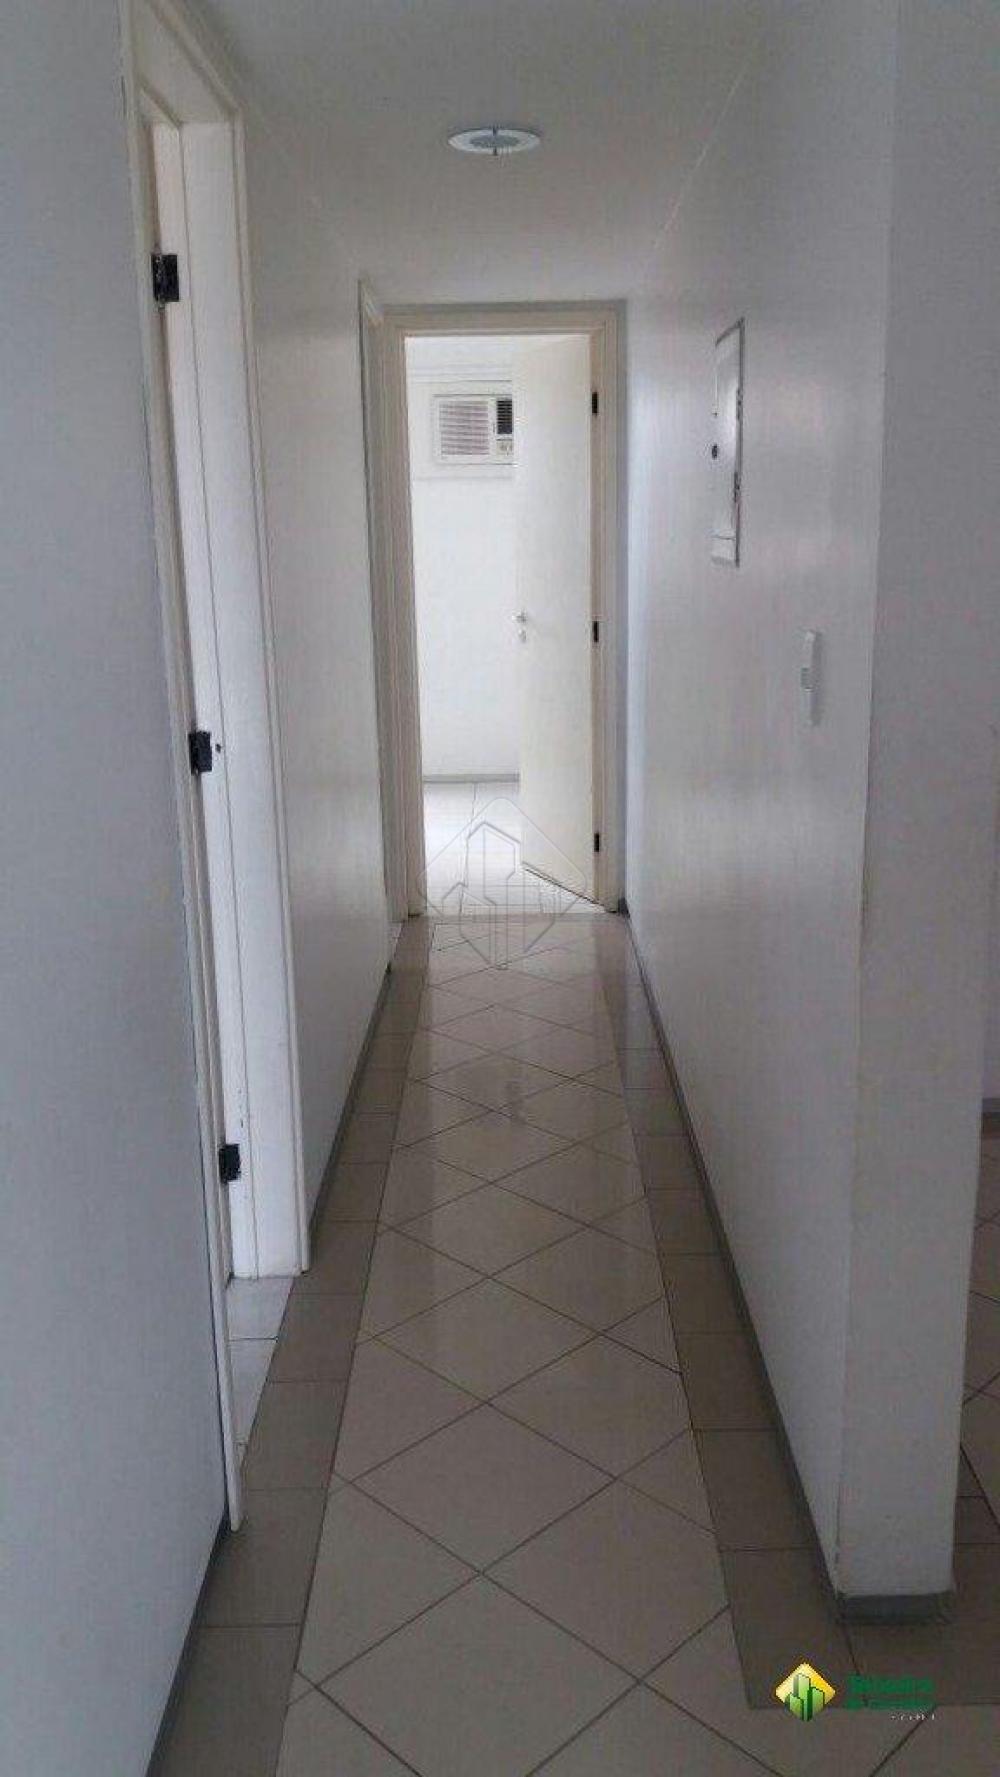 Comprar Apartamento / Padrão em João Pessoa apenas R$ 365.000,00 - Foto 11